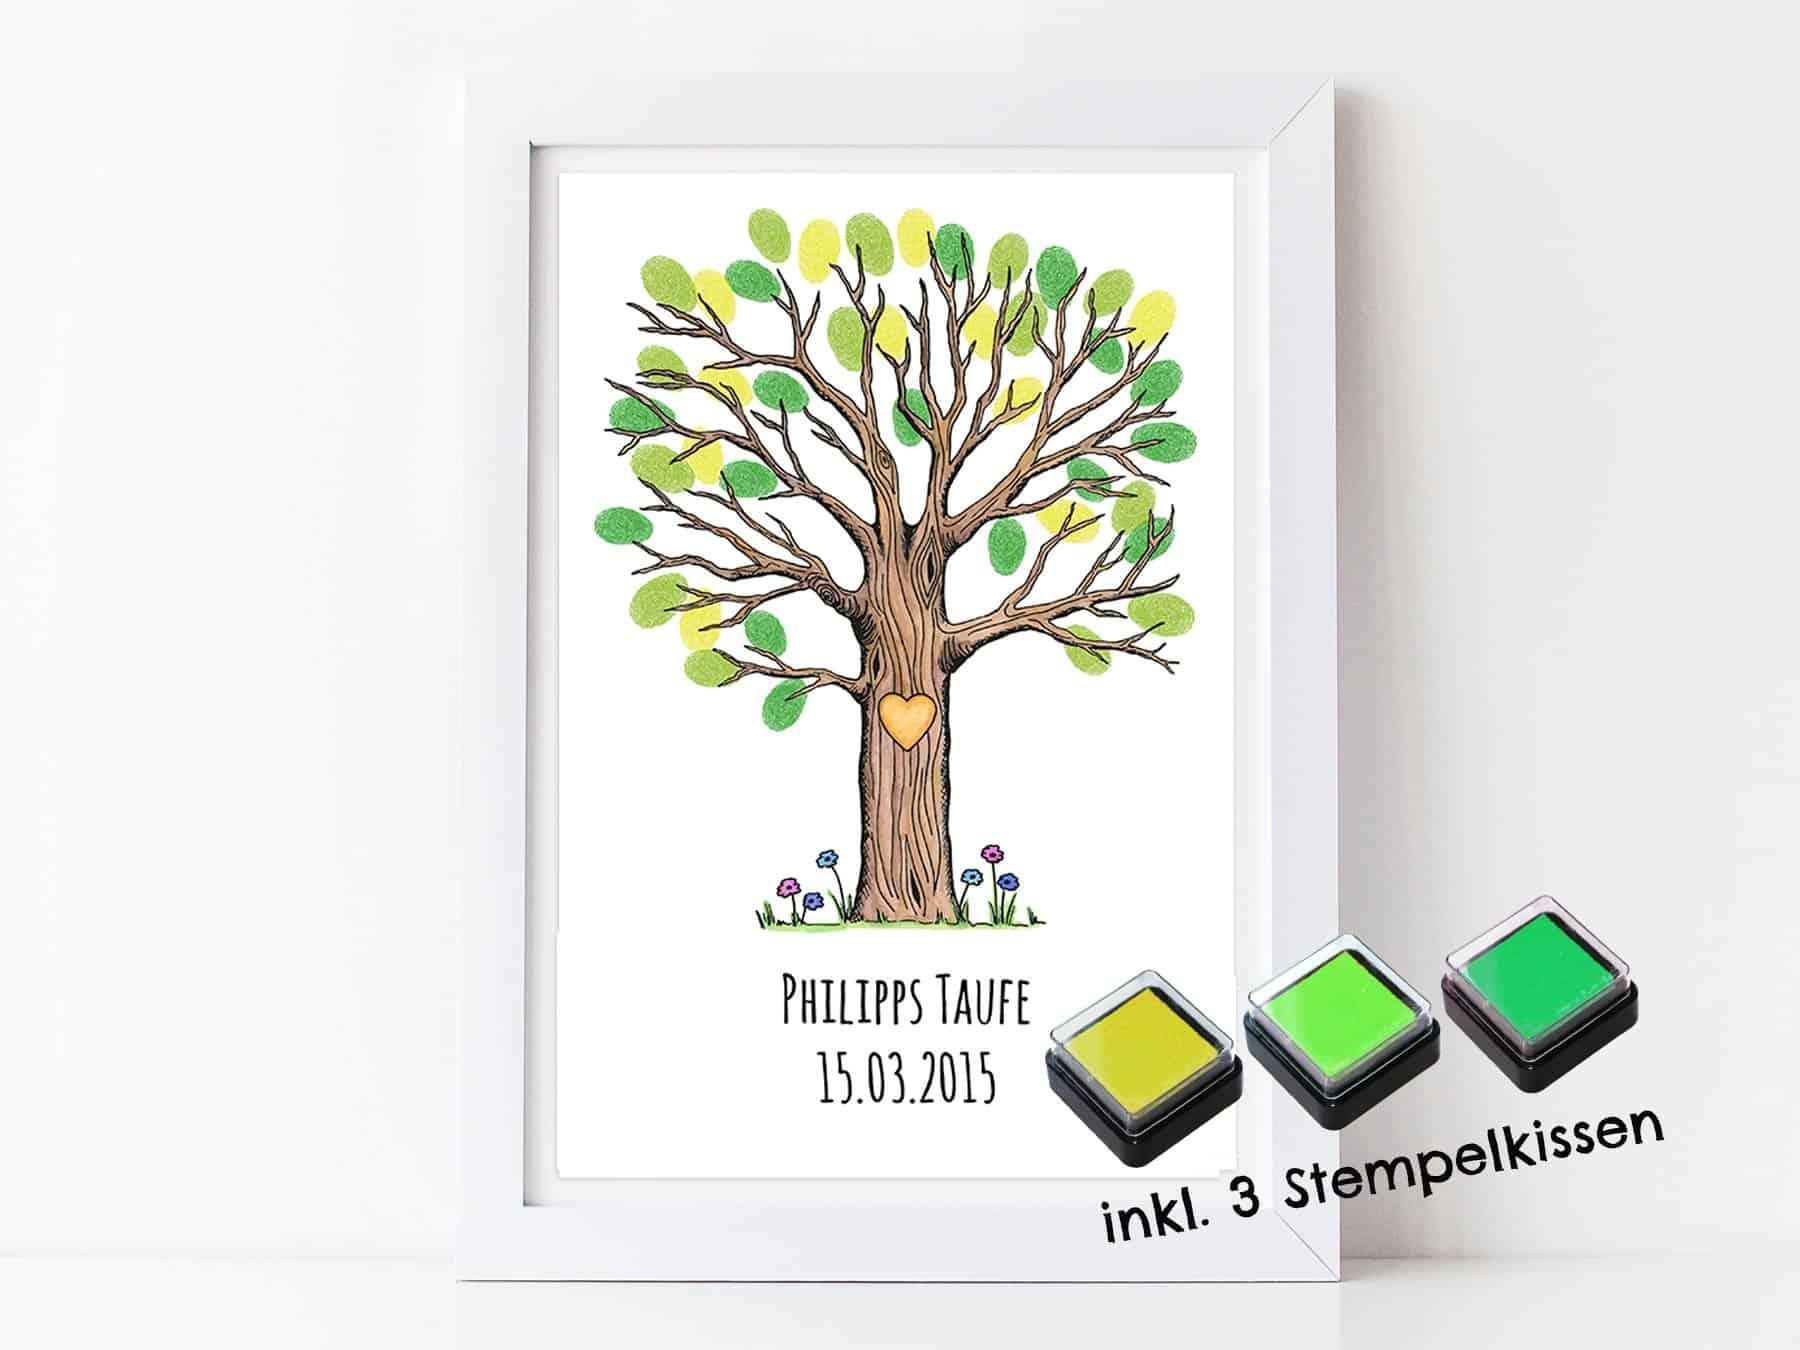 Fingerabdruck Gästebuch Baum Für Deine Taufe Und Kommunion Personalisierter Baum Mit Stempelkissen Individuell Gästebaum Motiv Baum Groß Bunt